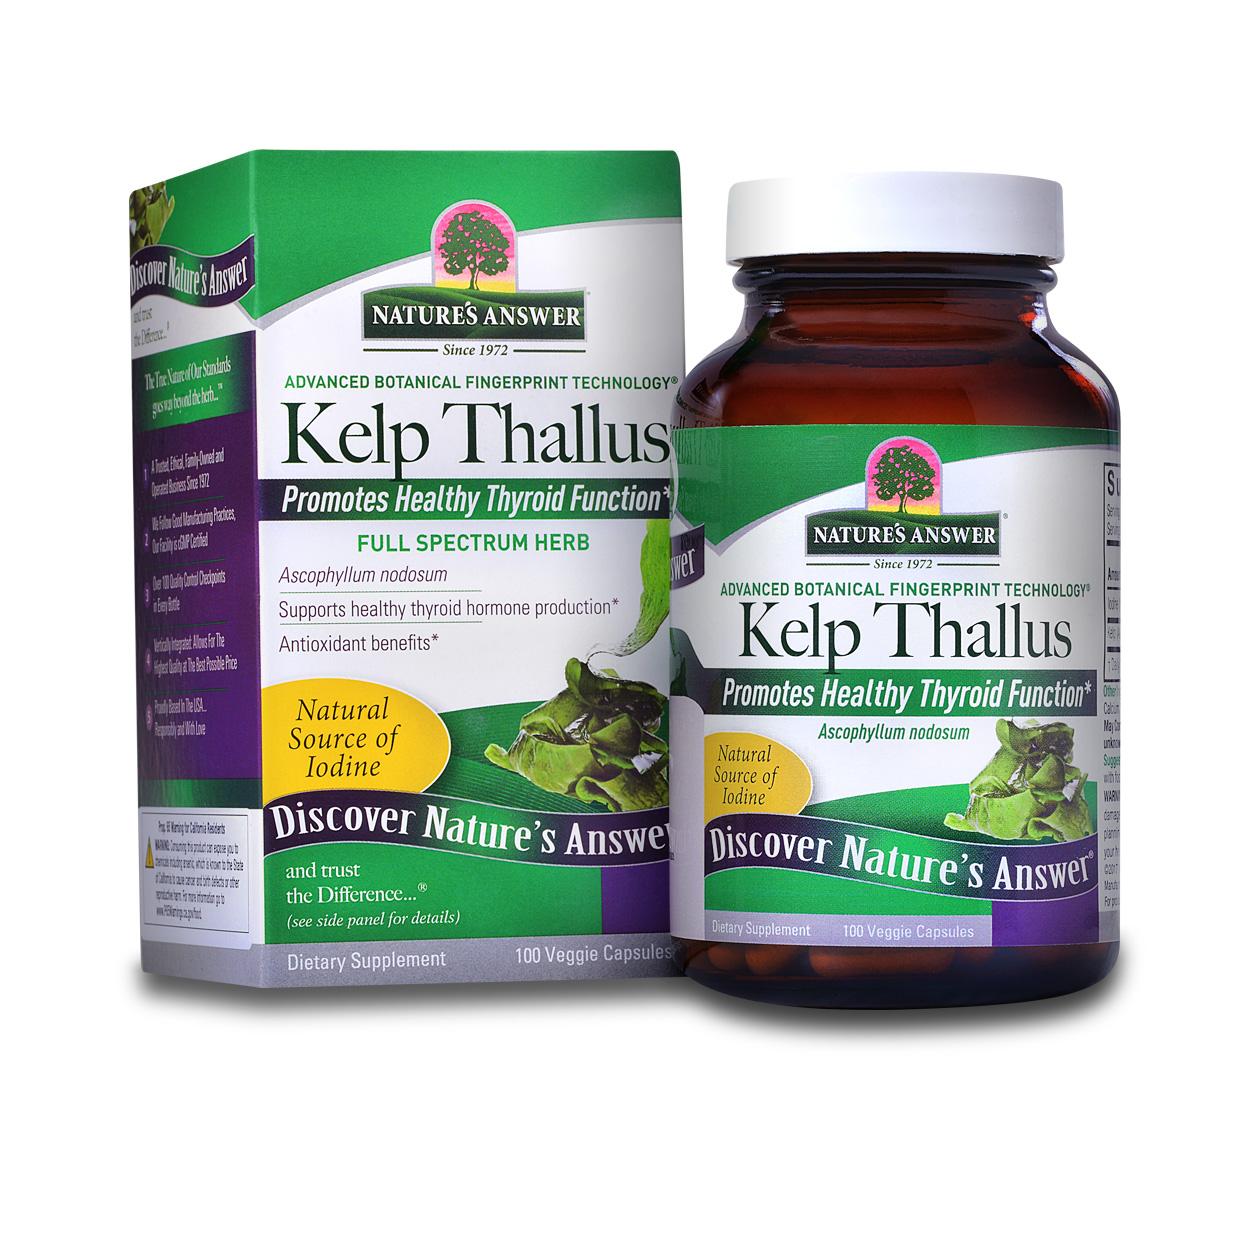 Kelp Thallus